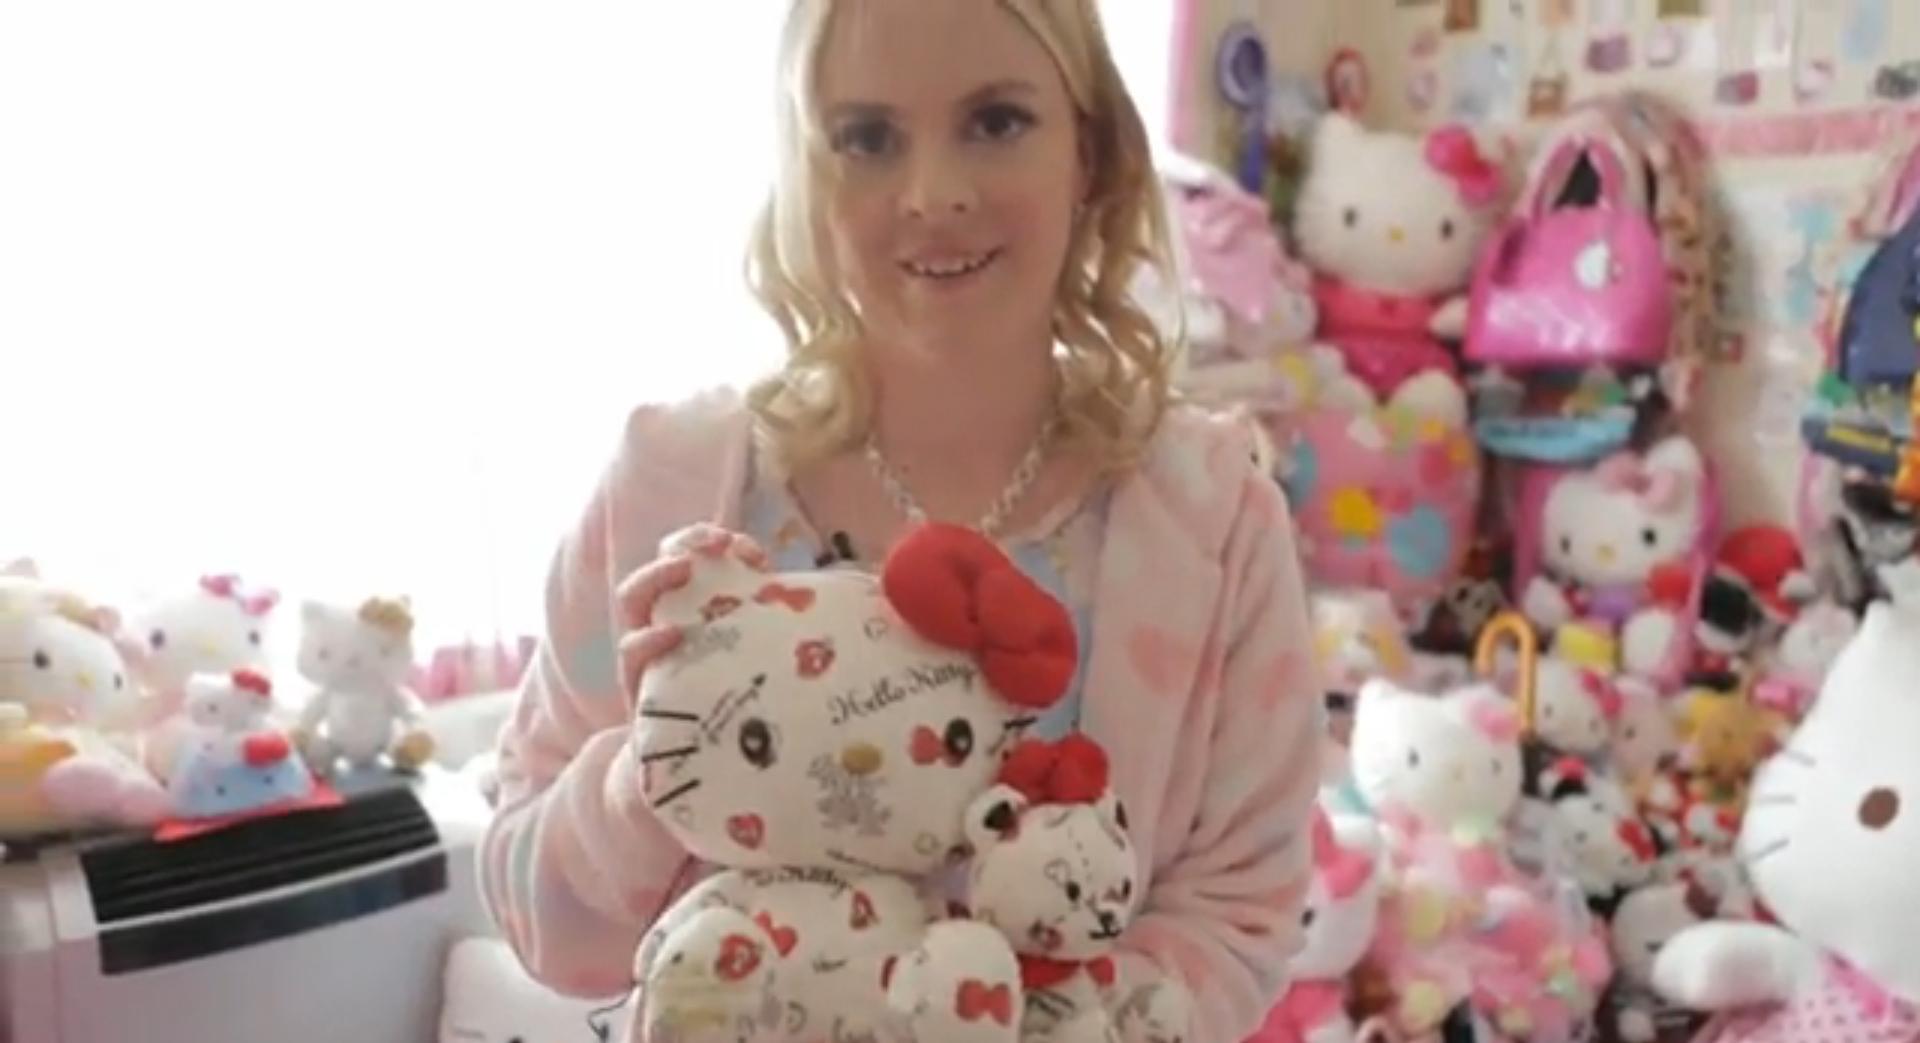 Ossessionata da Hello Kitty, spende 62mila euro in pupazzi (VIDEO)